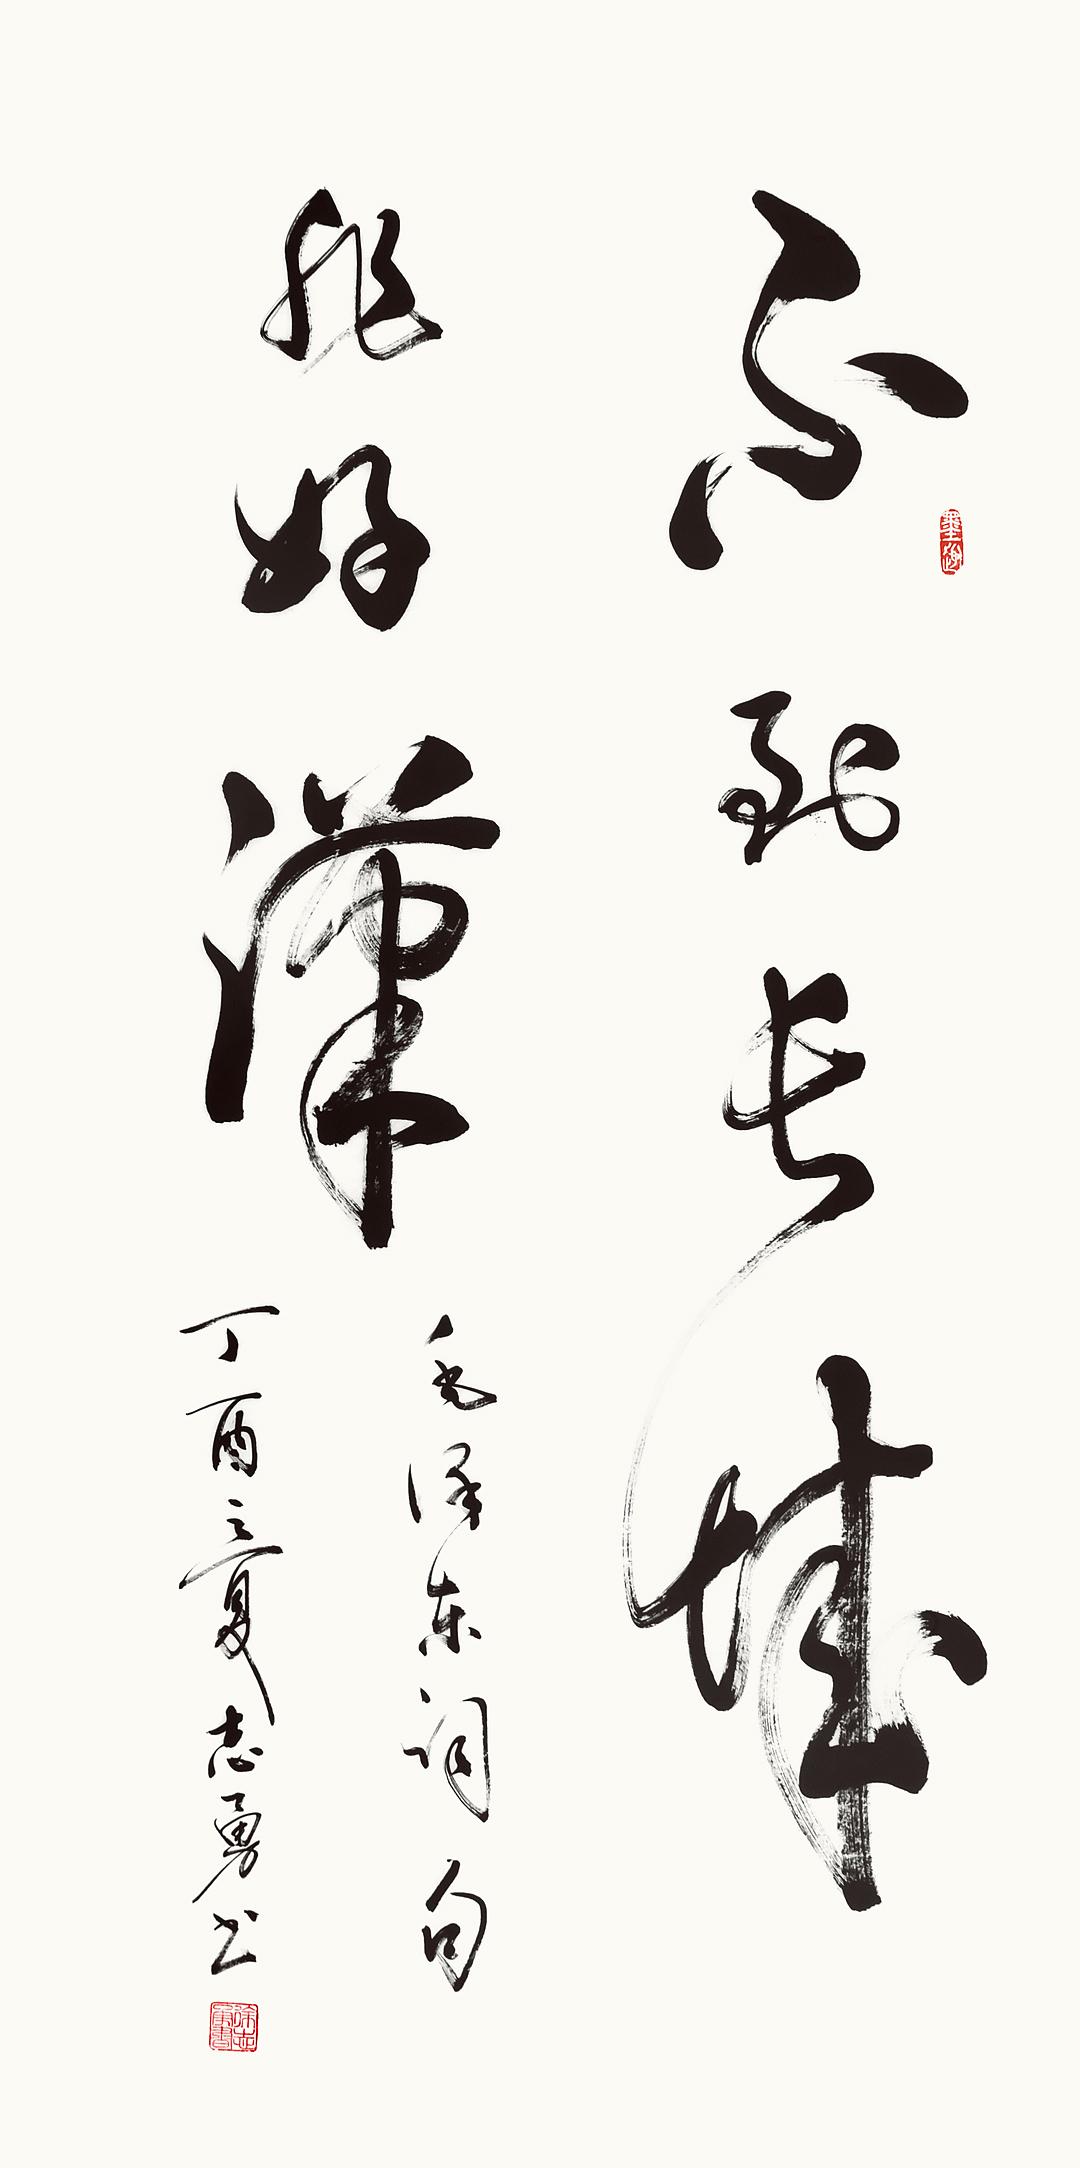 《不到长城非好汉》行草 纸本墨笔 2017年(出处:毛泽东《清平乐·六盘山》)